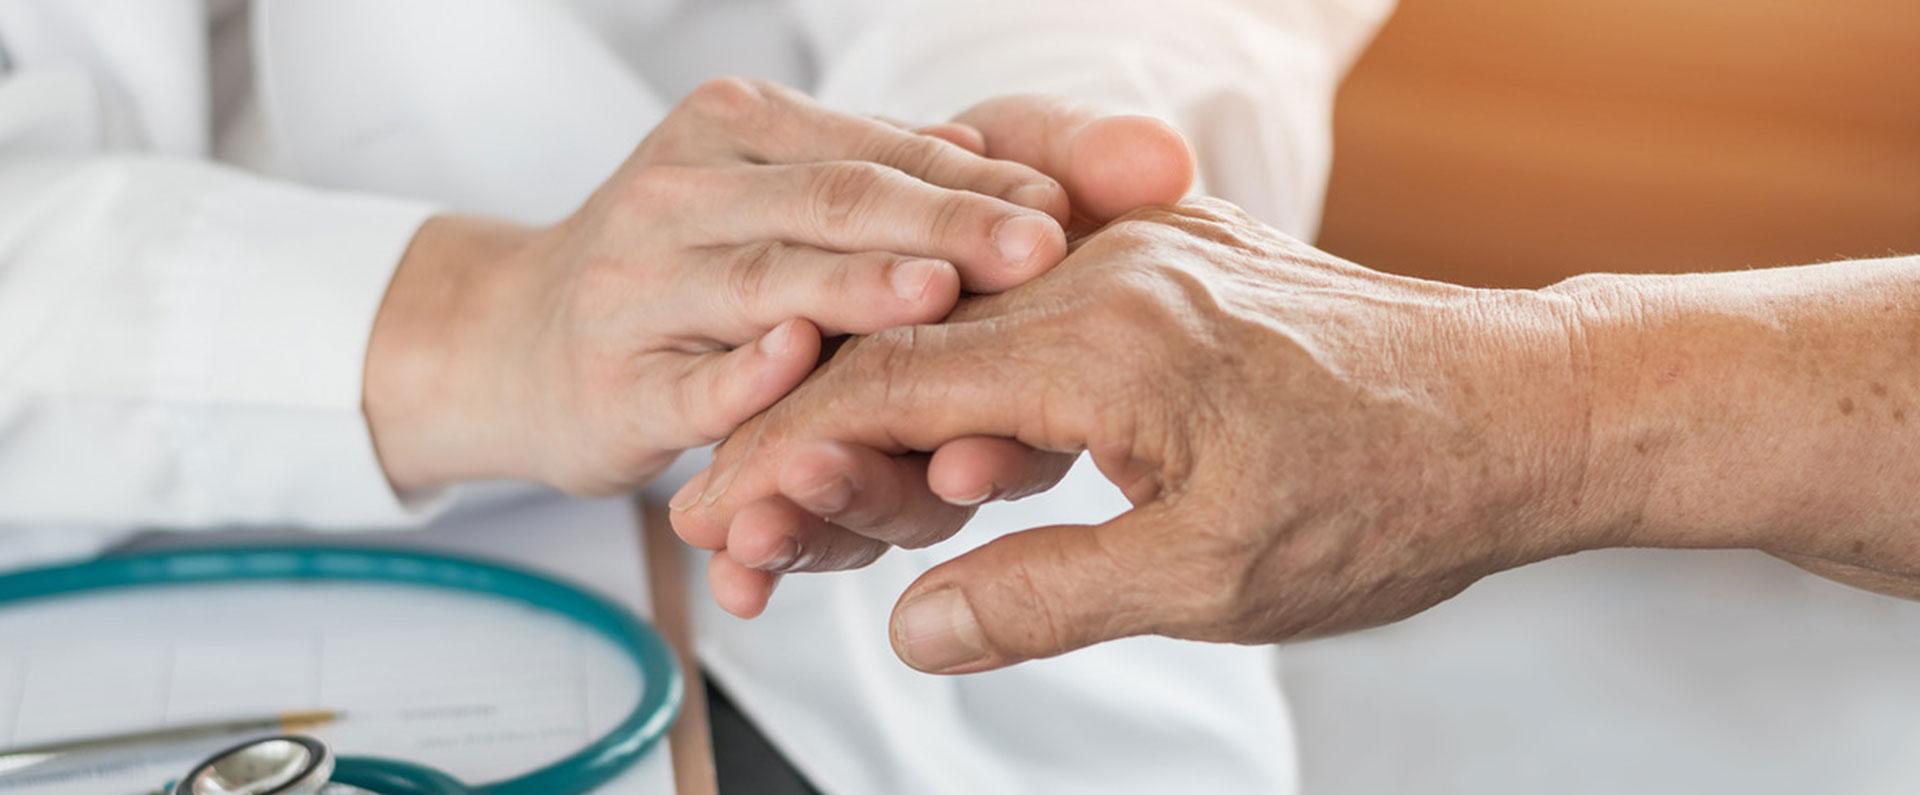 Eine junge Person hält die Hand einer älteren Person